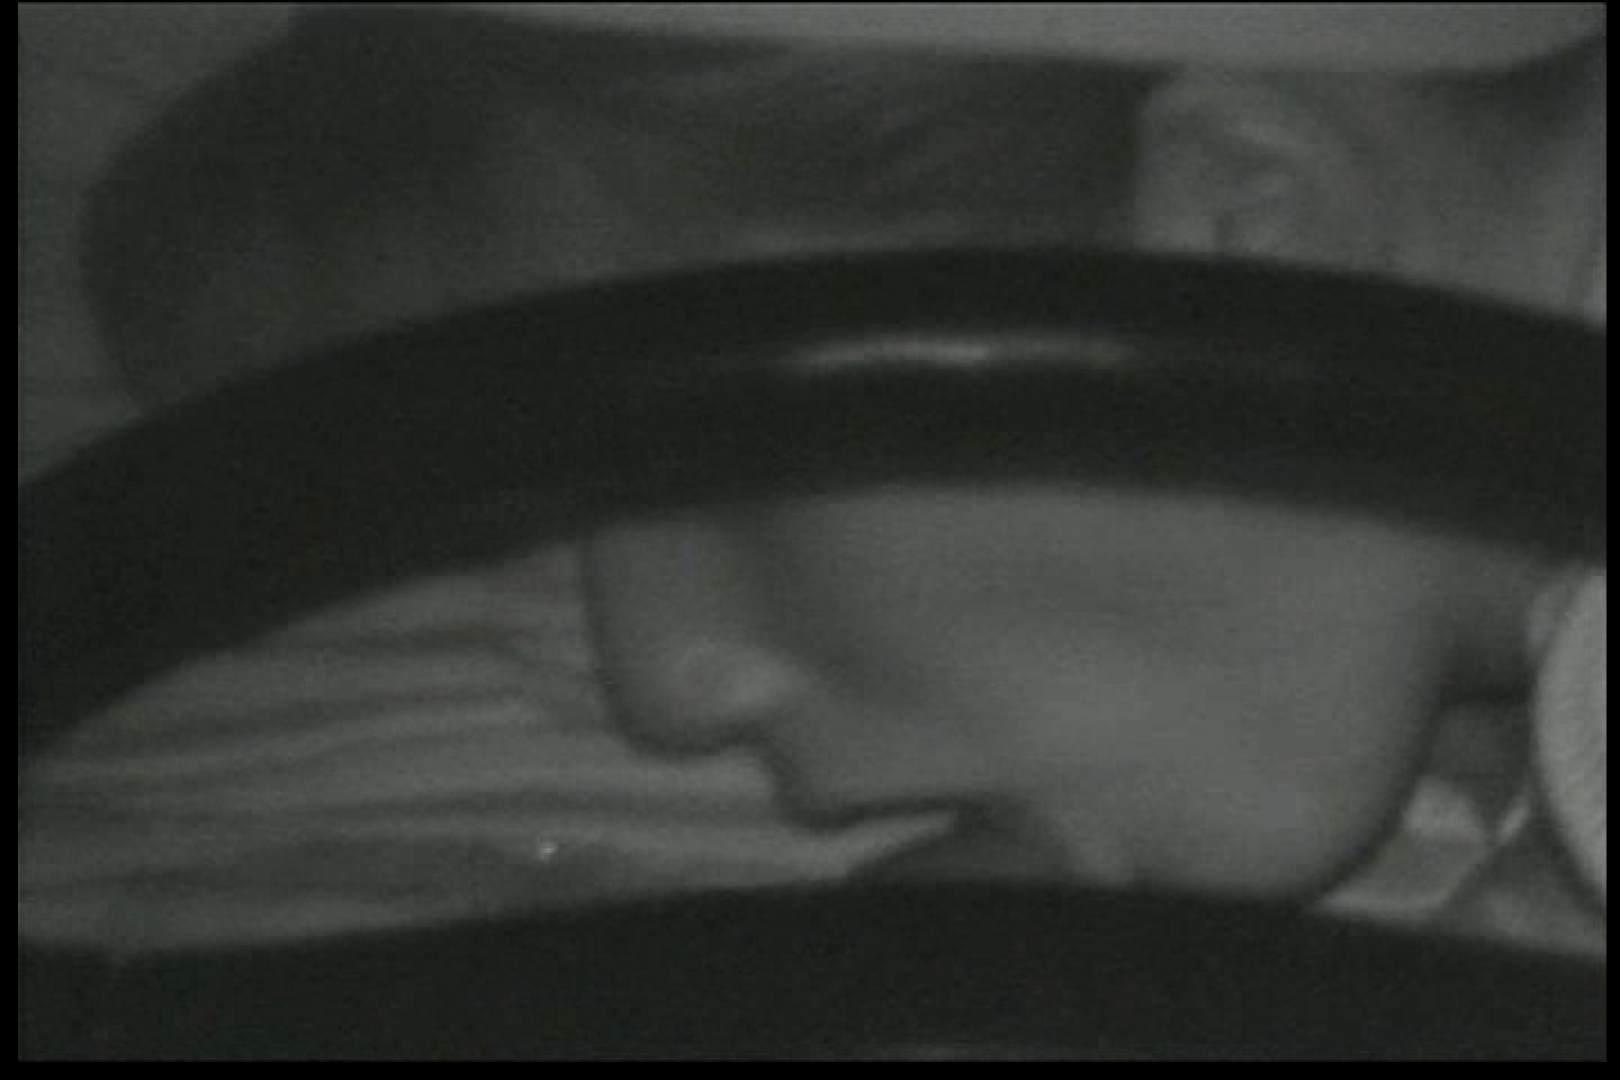 車の中はラブホテル 無修正版  Vol.12 赤外線 ぱこり動画紹介 87pic 70